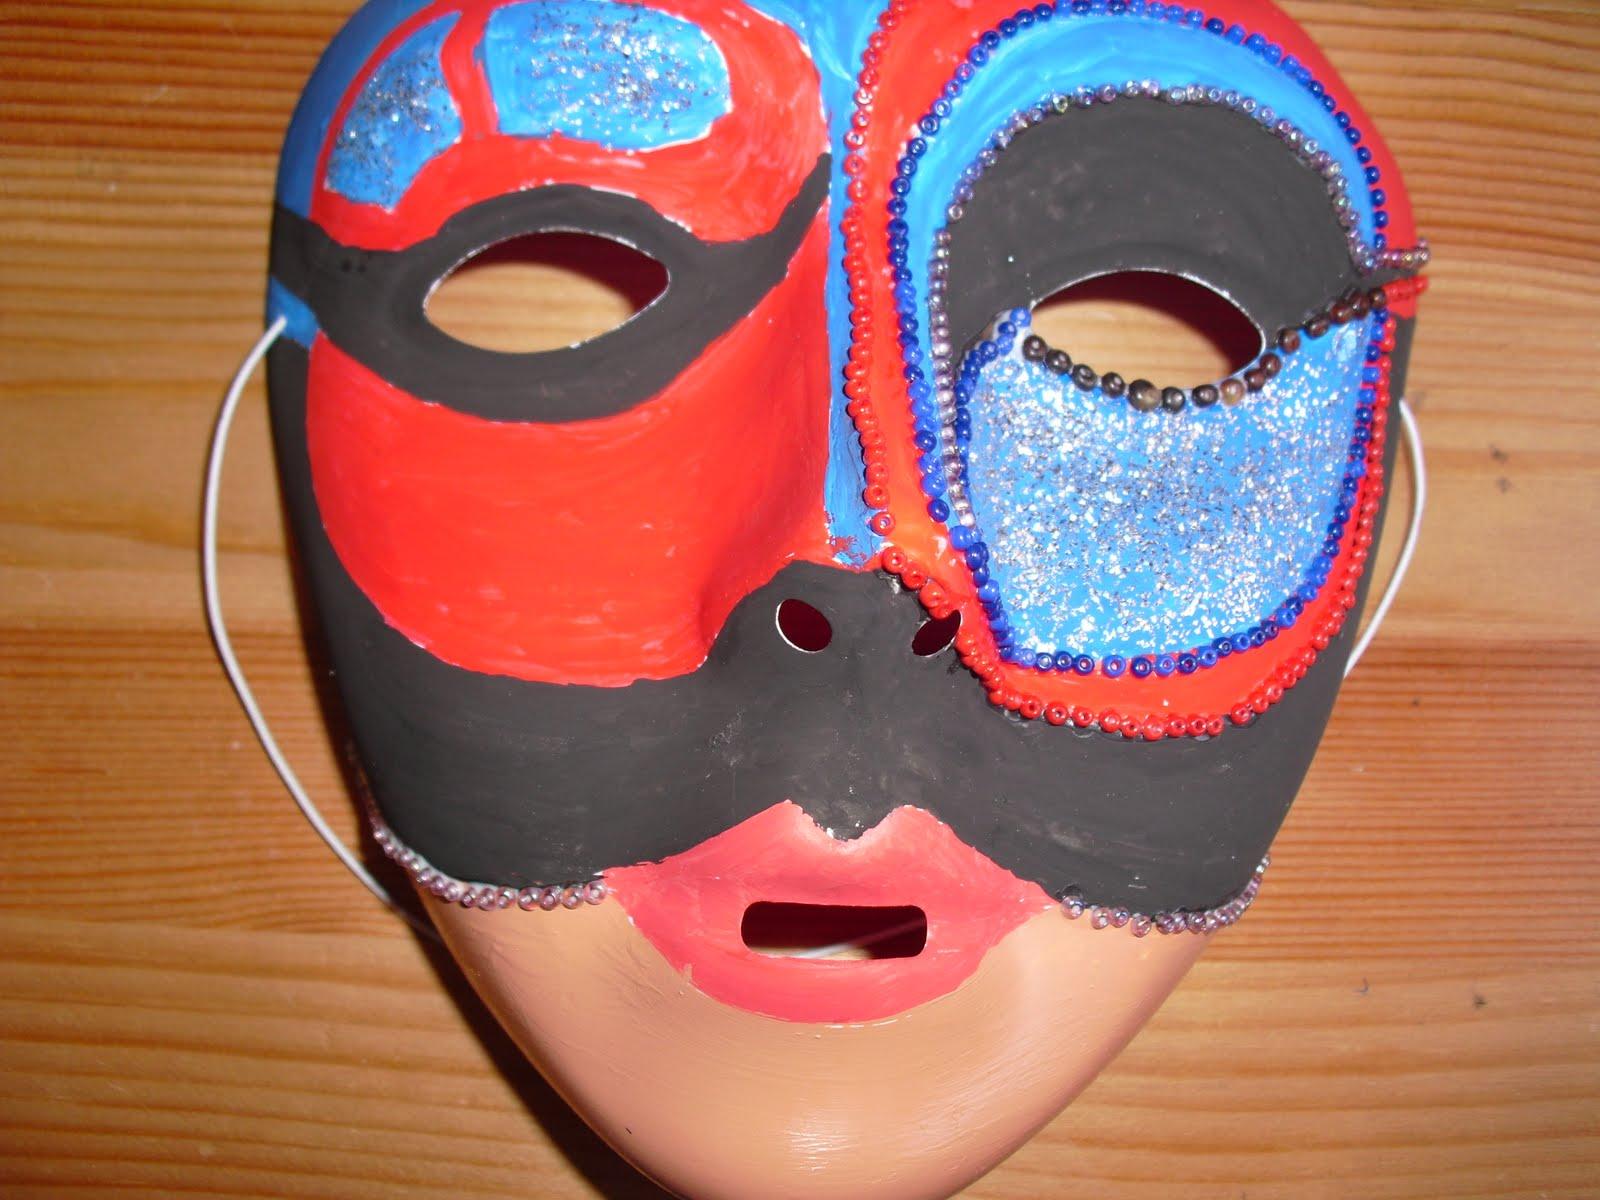 El modo del uso de las máscaras alrededor de los ojos